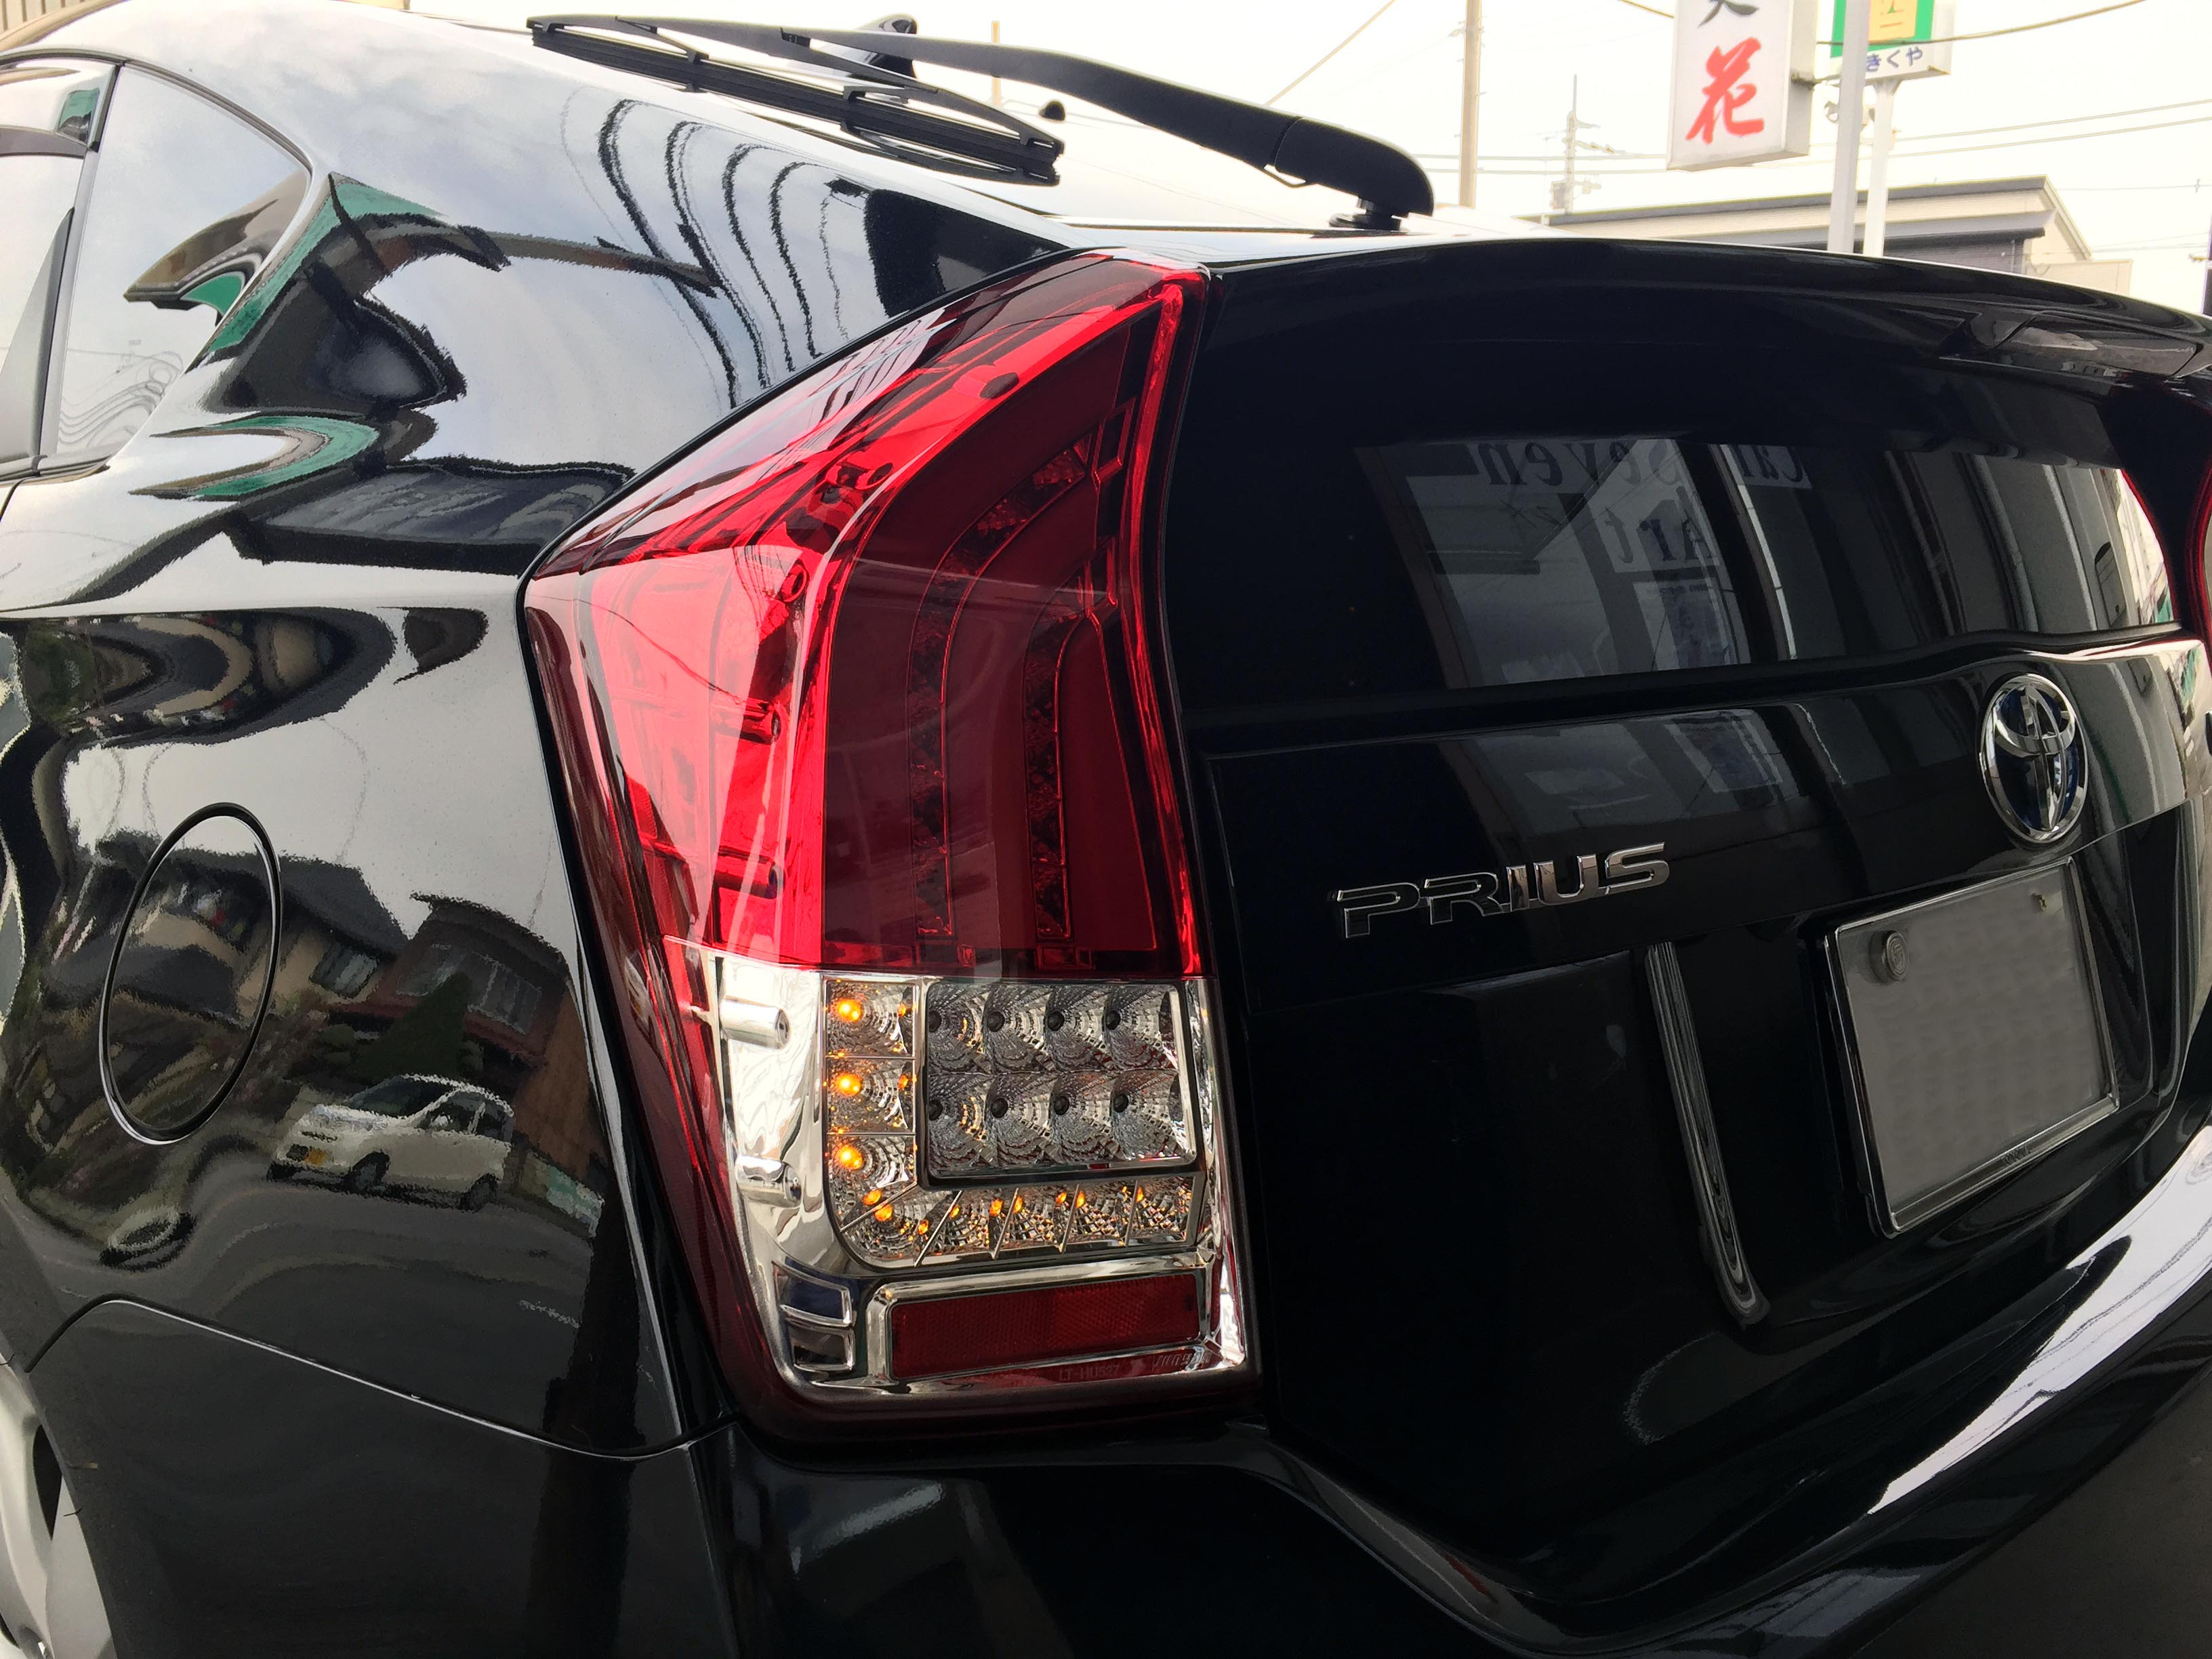 トヨタ30プリウスLEDテールランプユニットと交換